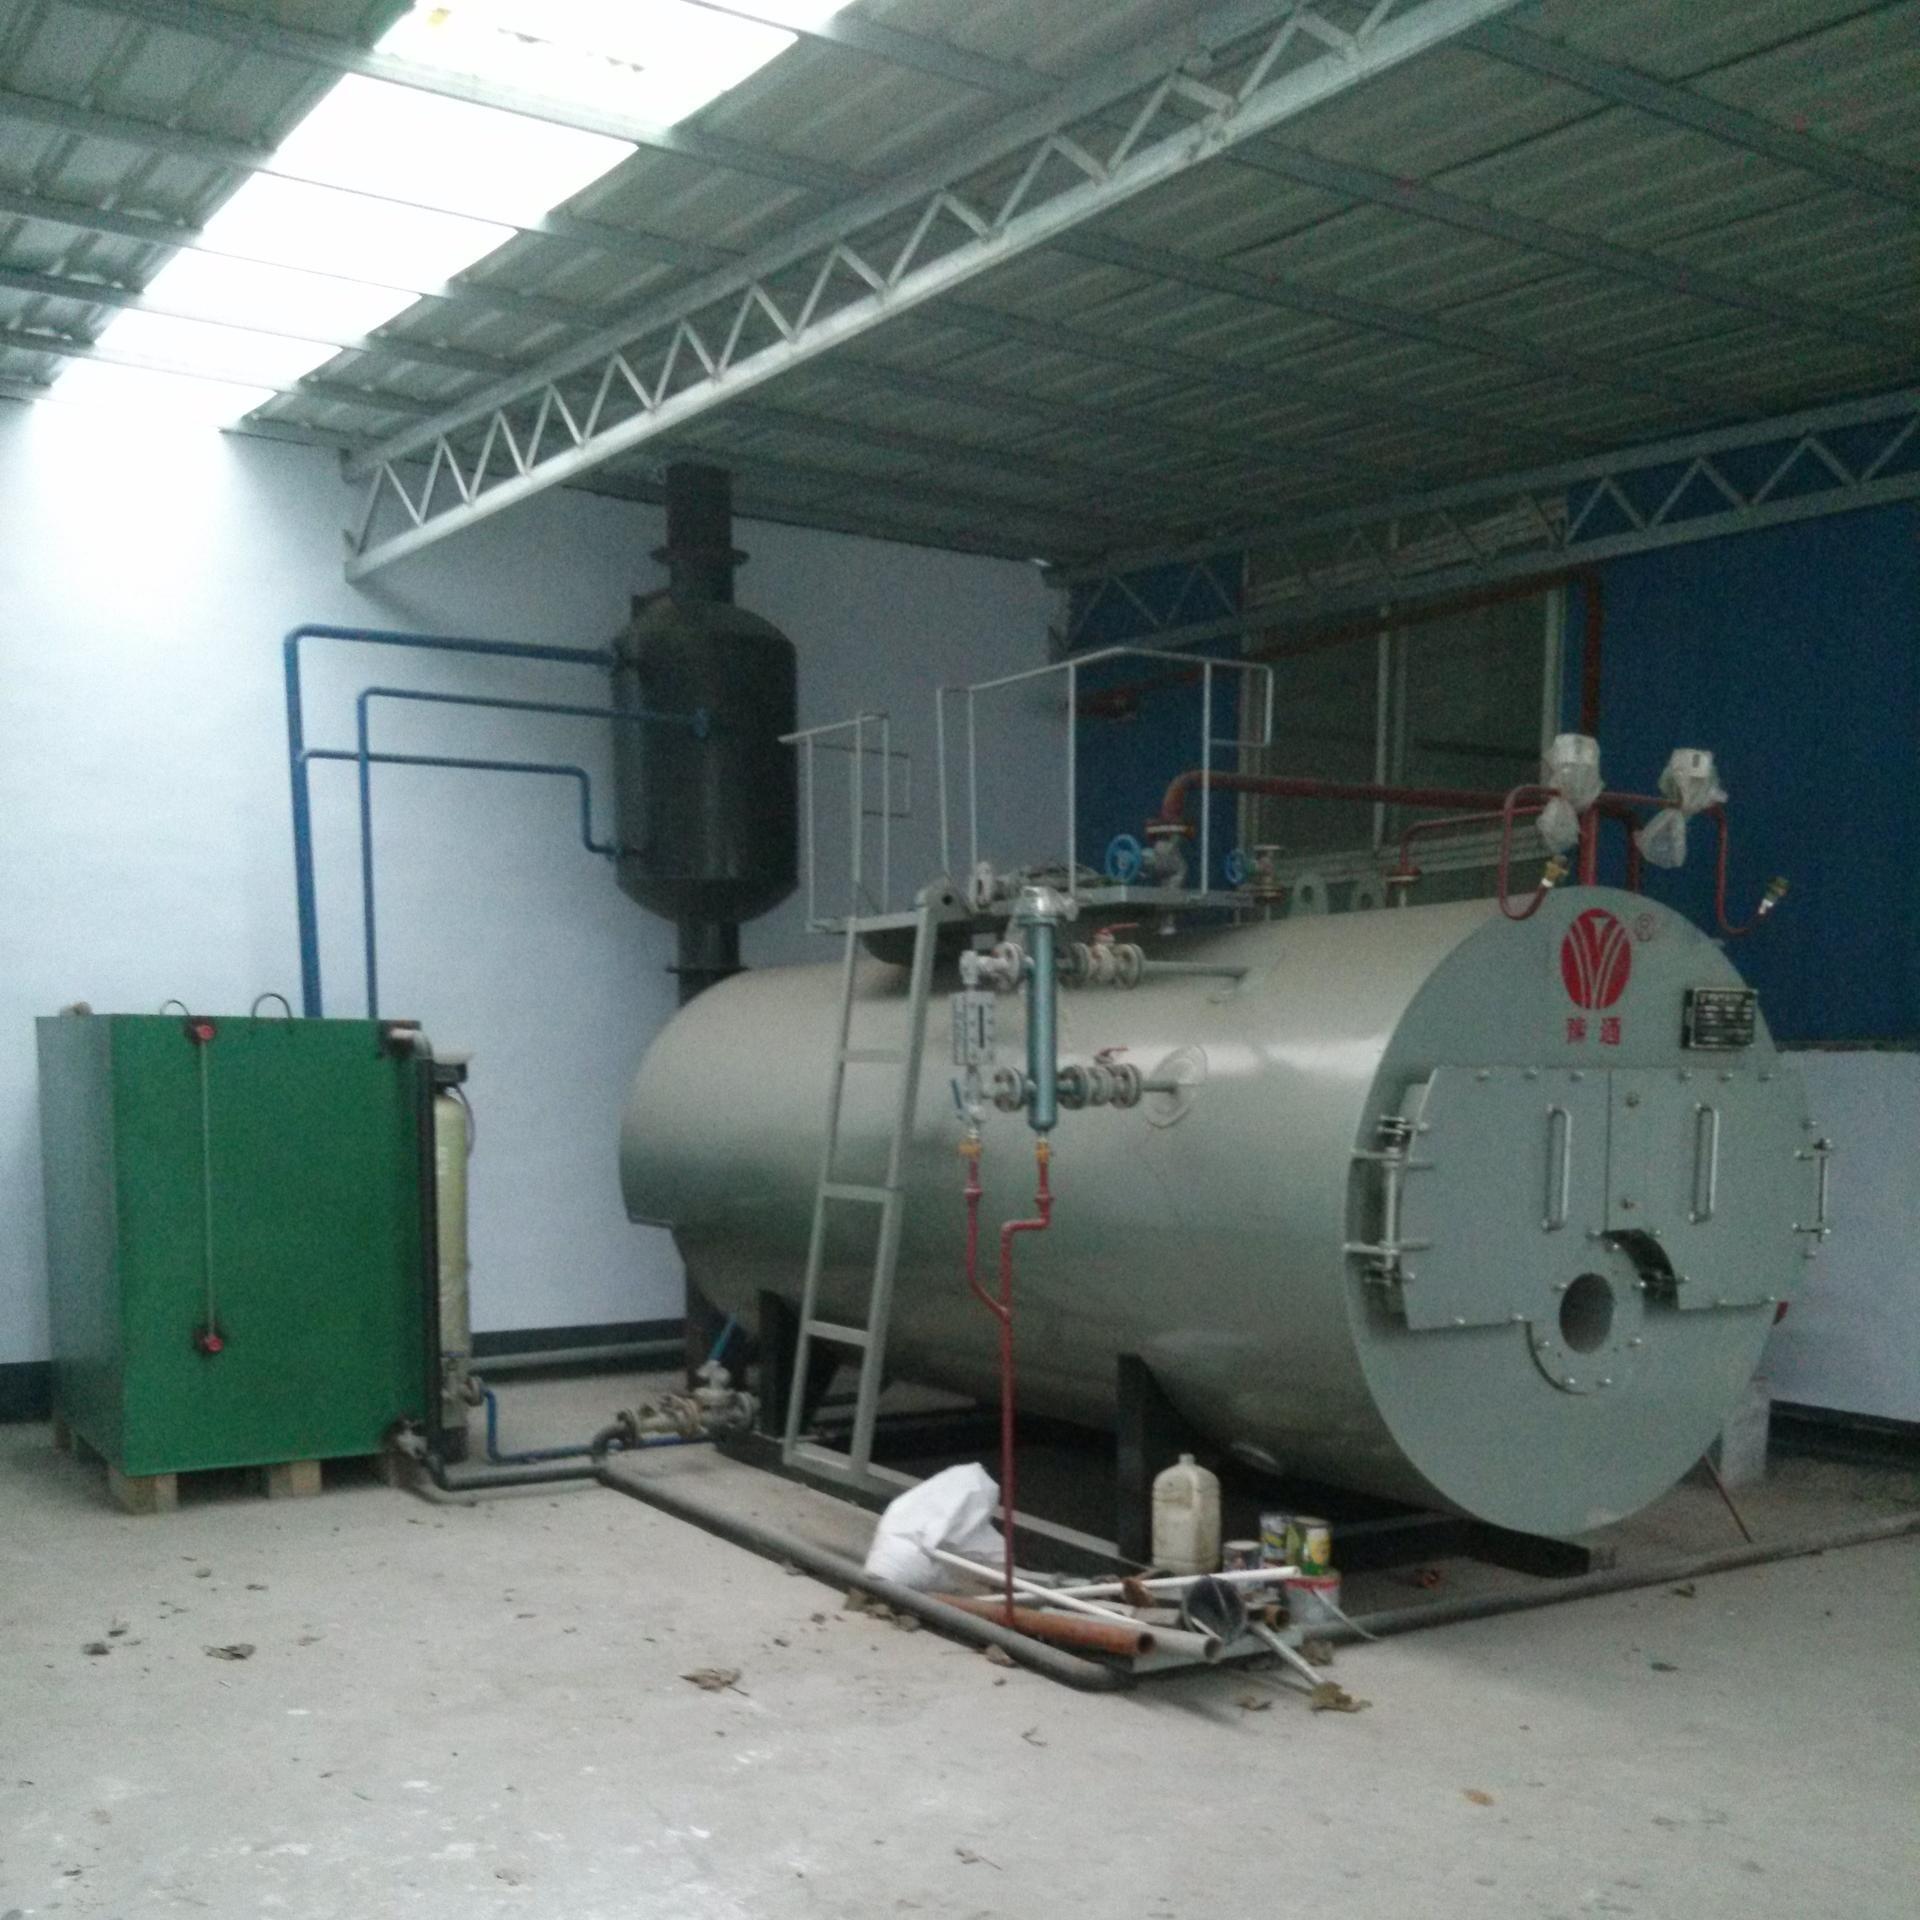 梅州2噸天然氣鍋爐價格 揭陽1噸工業燃氣蒸汽鍋爐運行費用